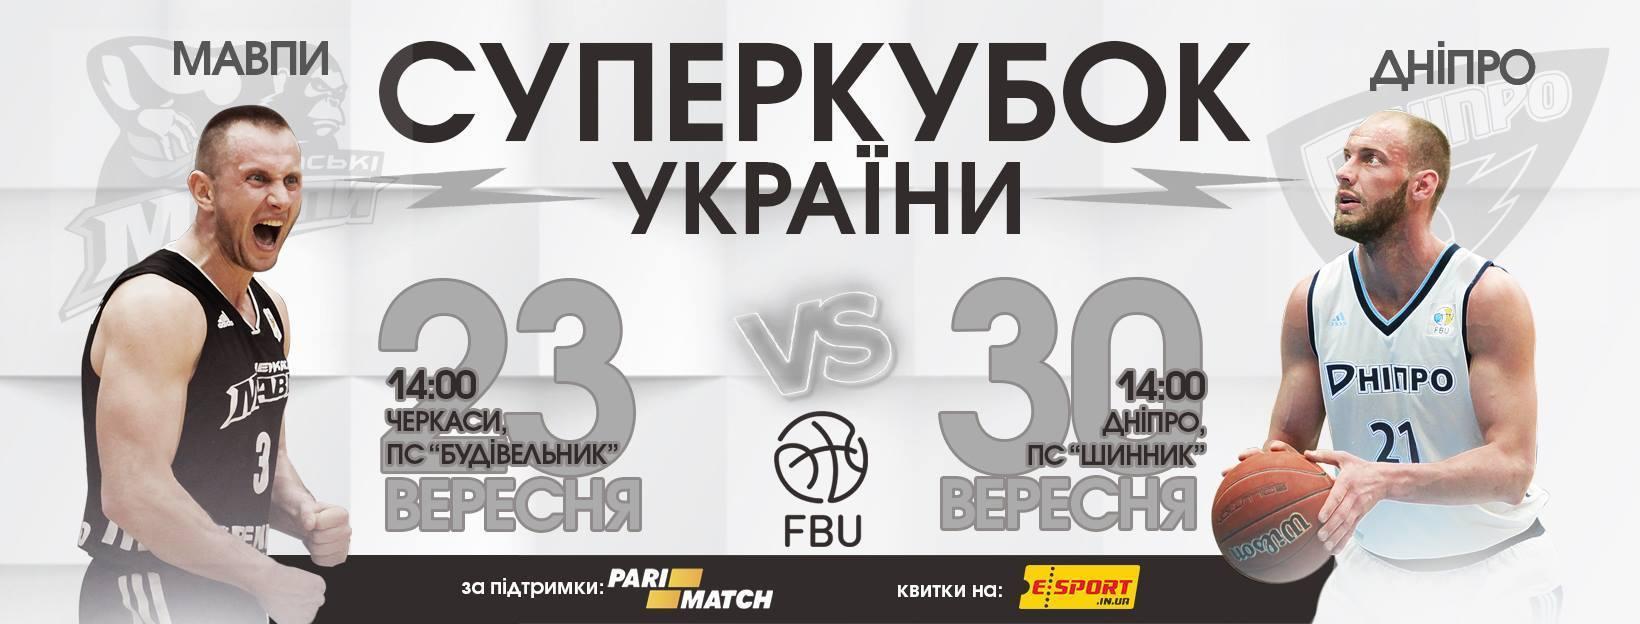 Дніпро проти Черкаських Мавп: анонс другого матчу за Суперкубок України